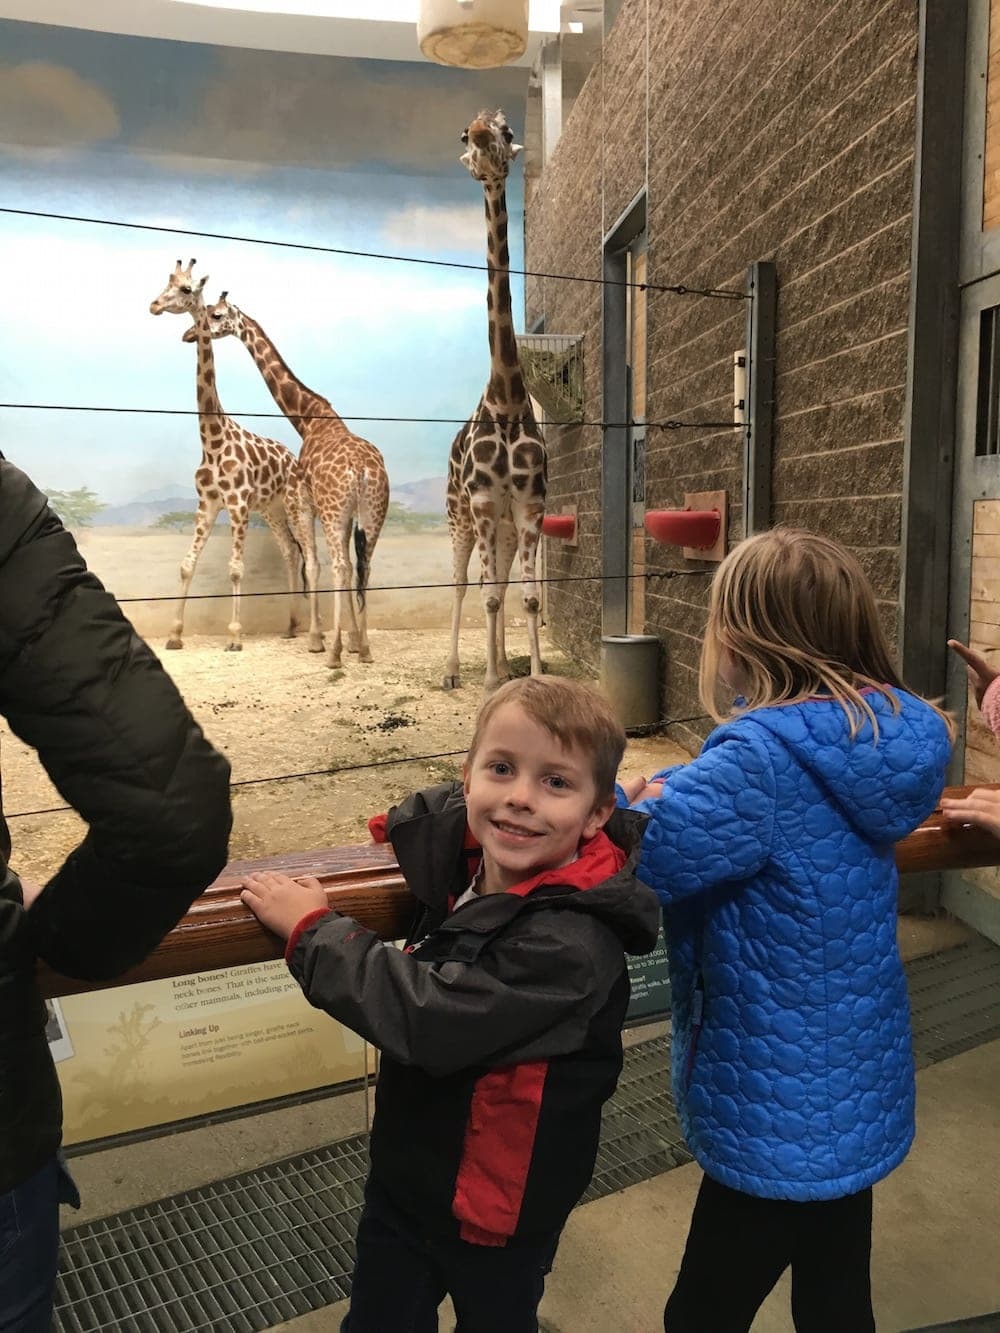 People looking at giraffes